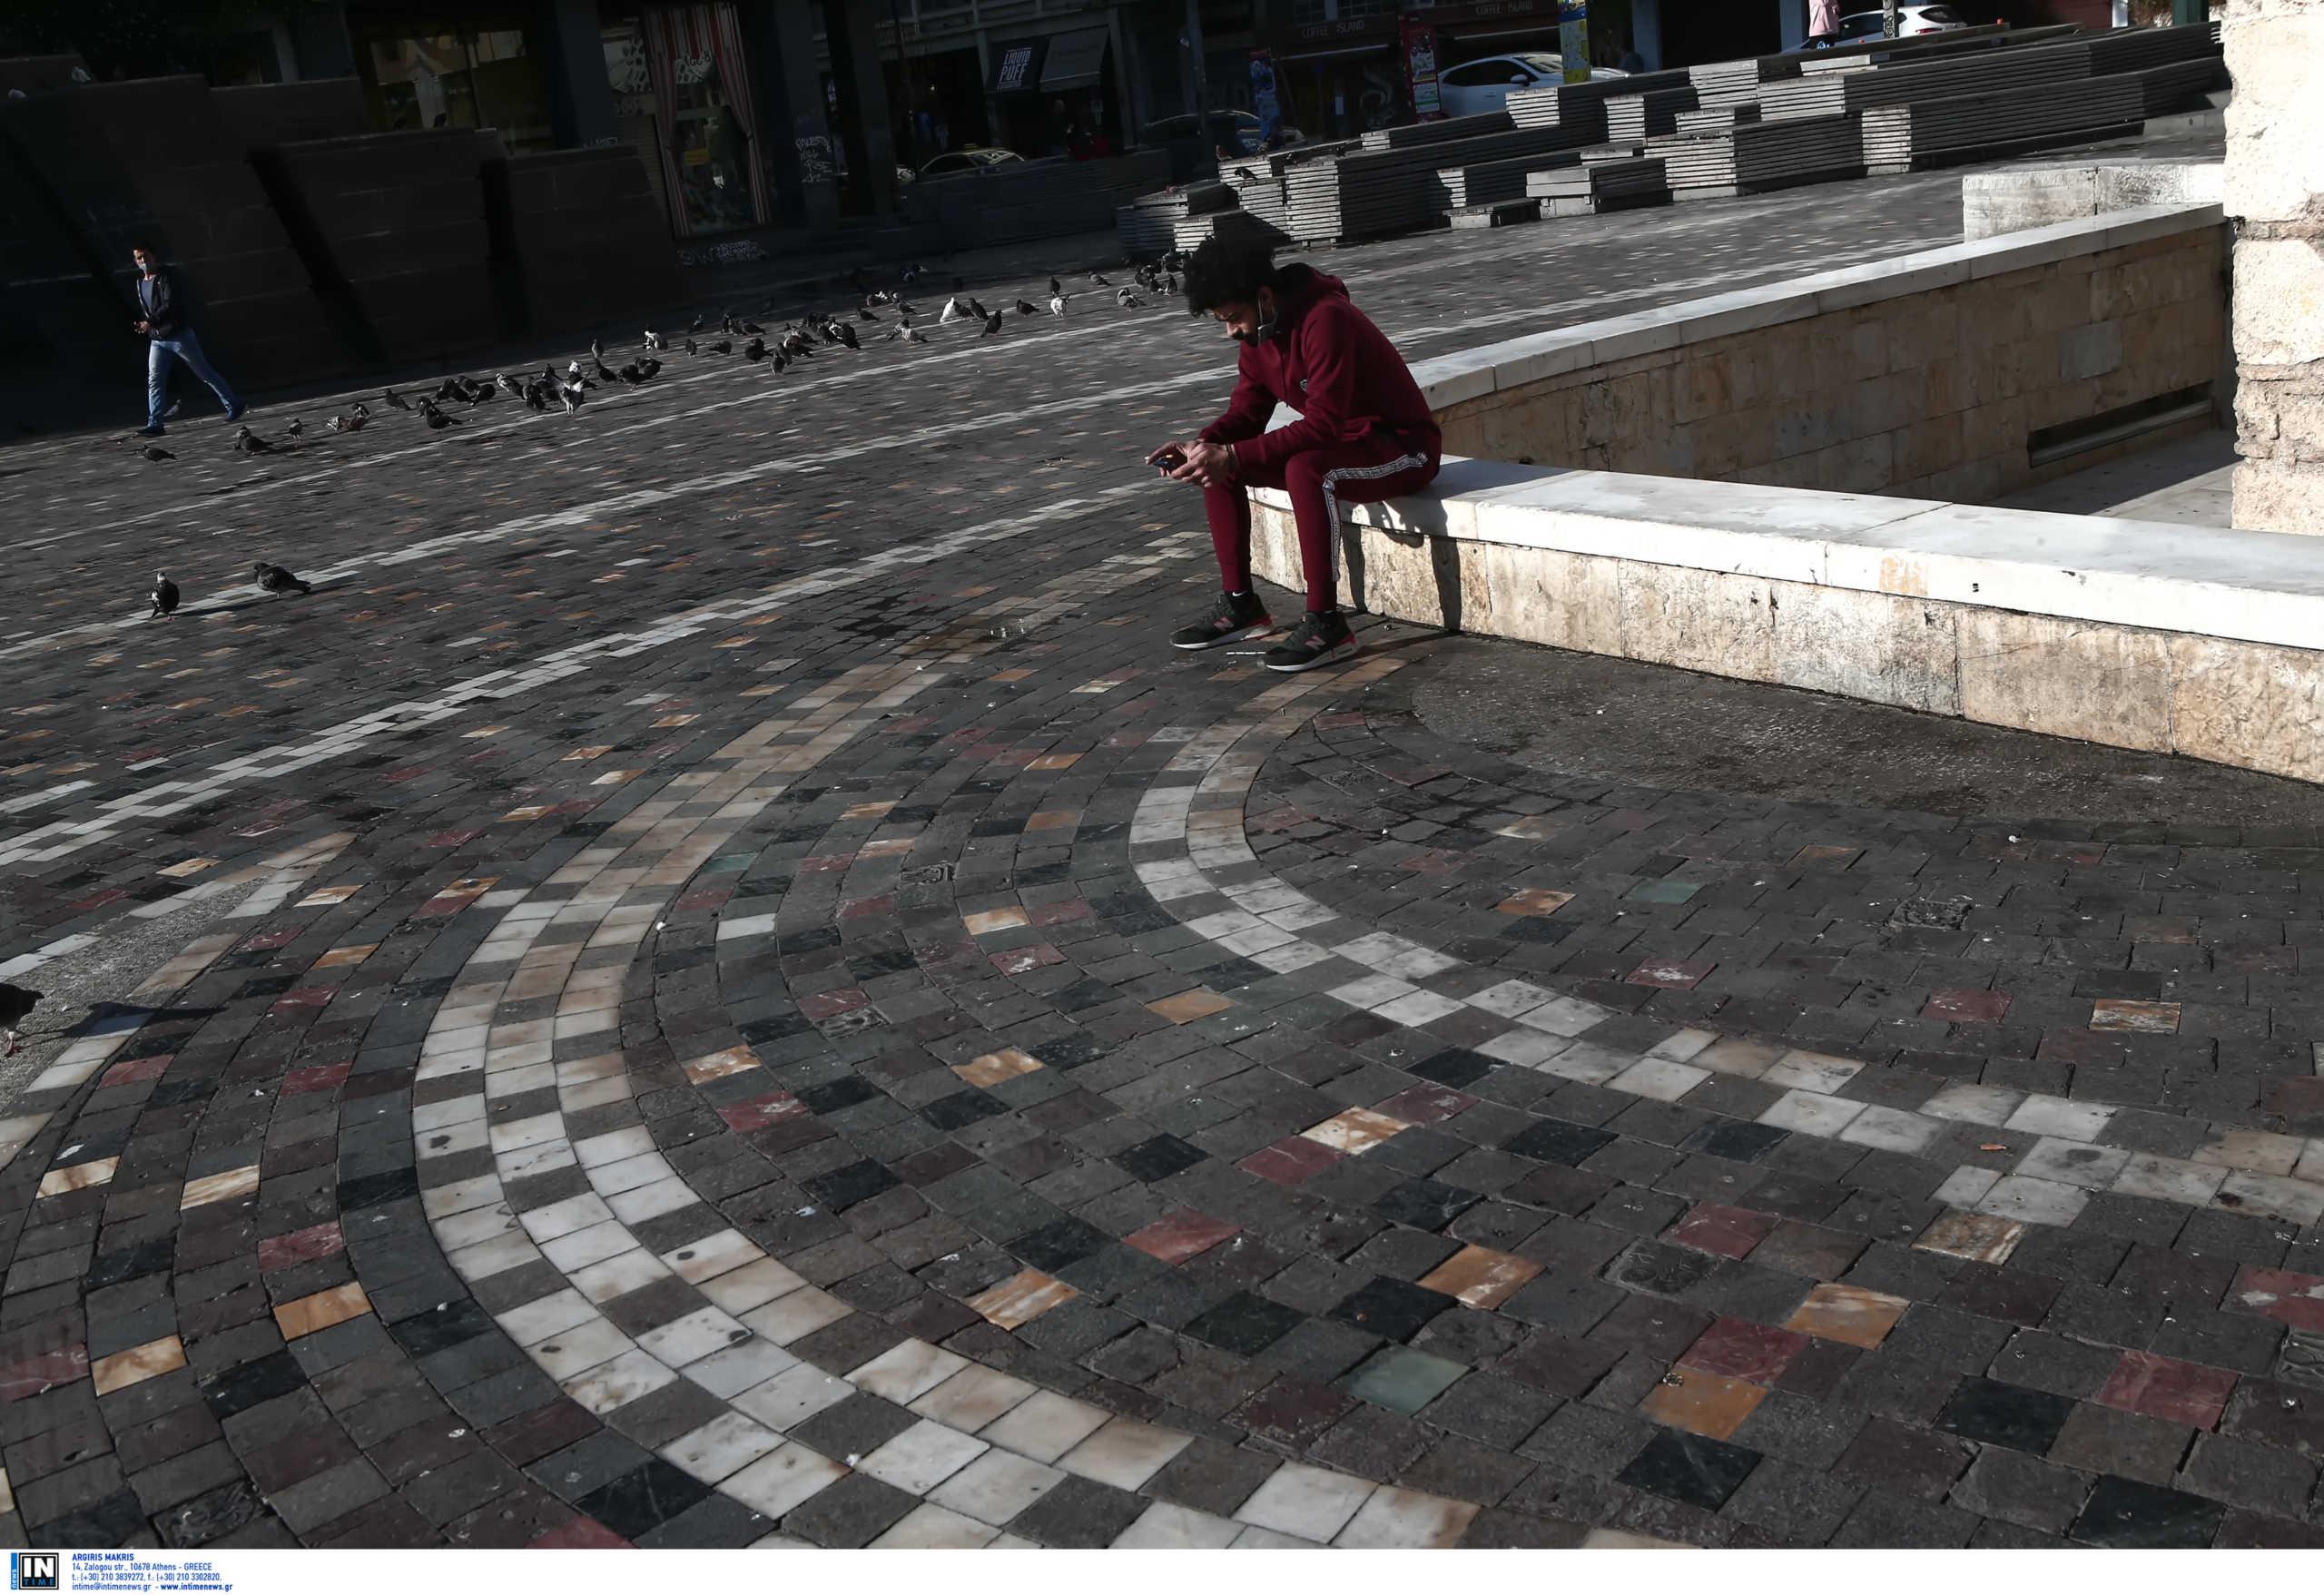 """""""Απομόνωση χωρίς μοναξιά"""": Νέο πρόγραμμα για ψυχολογική στήριξη εν μέσω πανδημίας"""